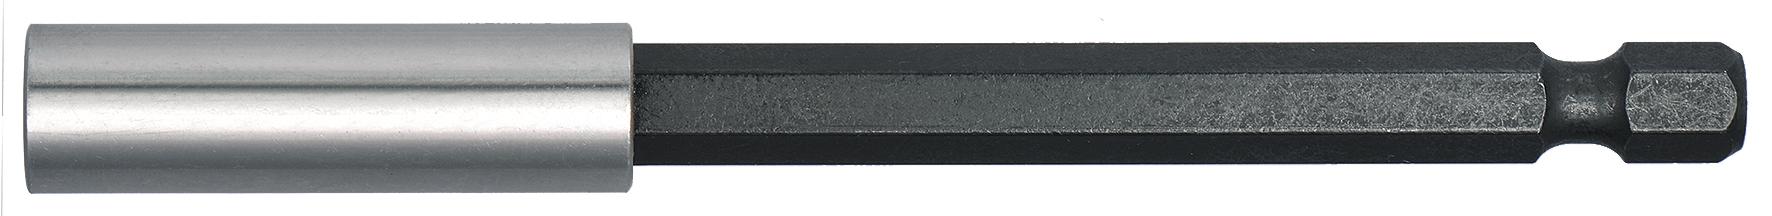 Bit-Magnethalter 1/4 Zoll Image